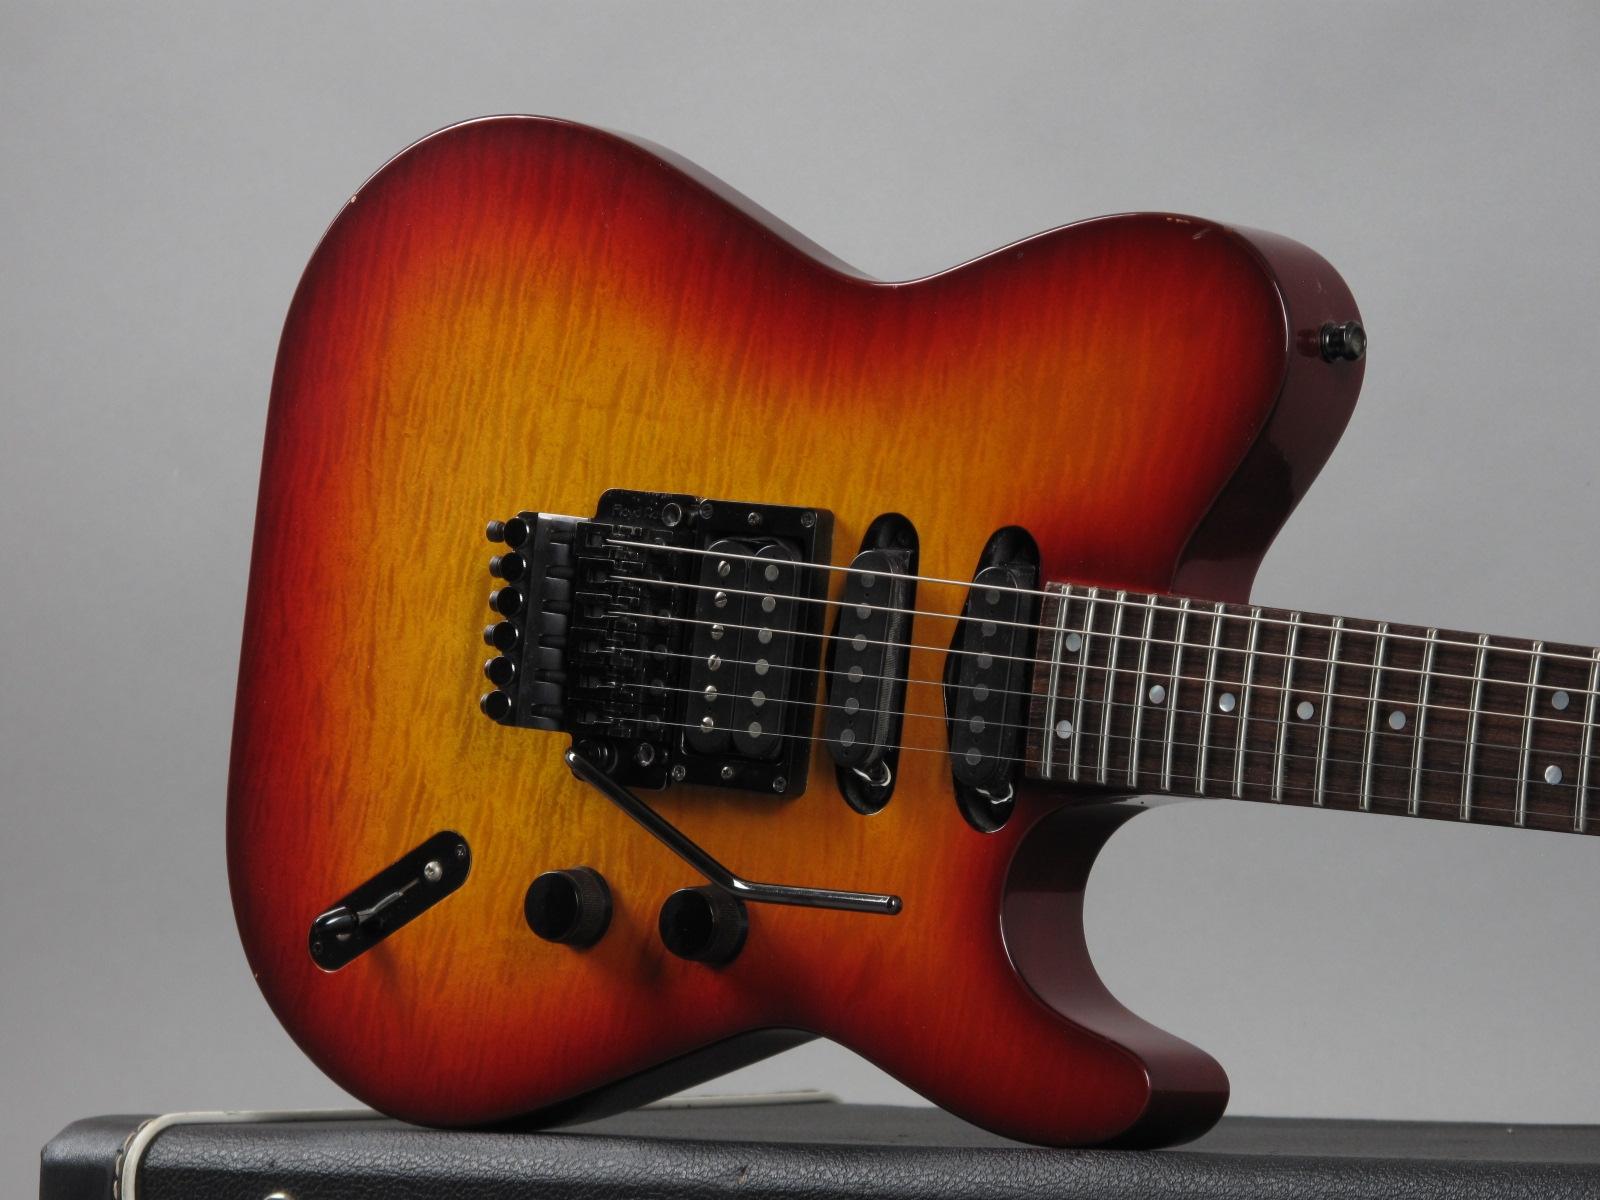 https://guitarpoint.de/app/uploads/products/1986-hamer-tle-cherry-sunburst/1986-Hamer-TLE-Cherry-Sunburst-616961_19.jpg